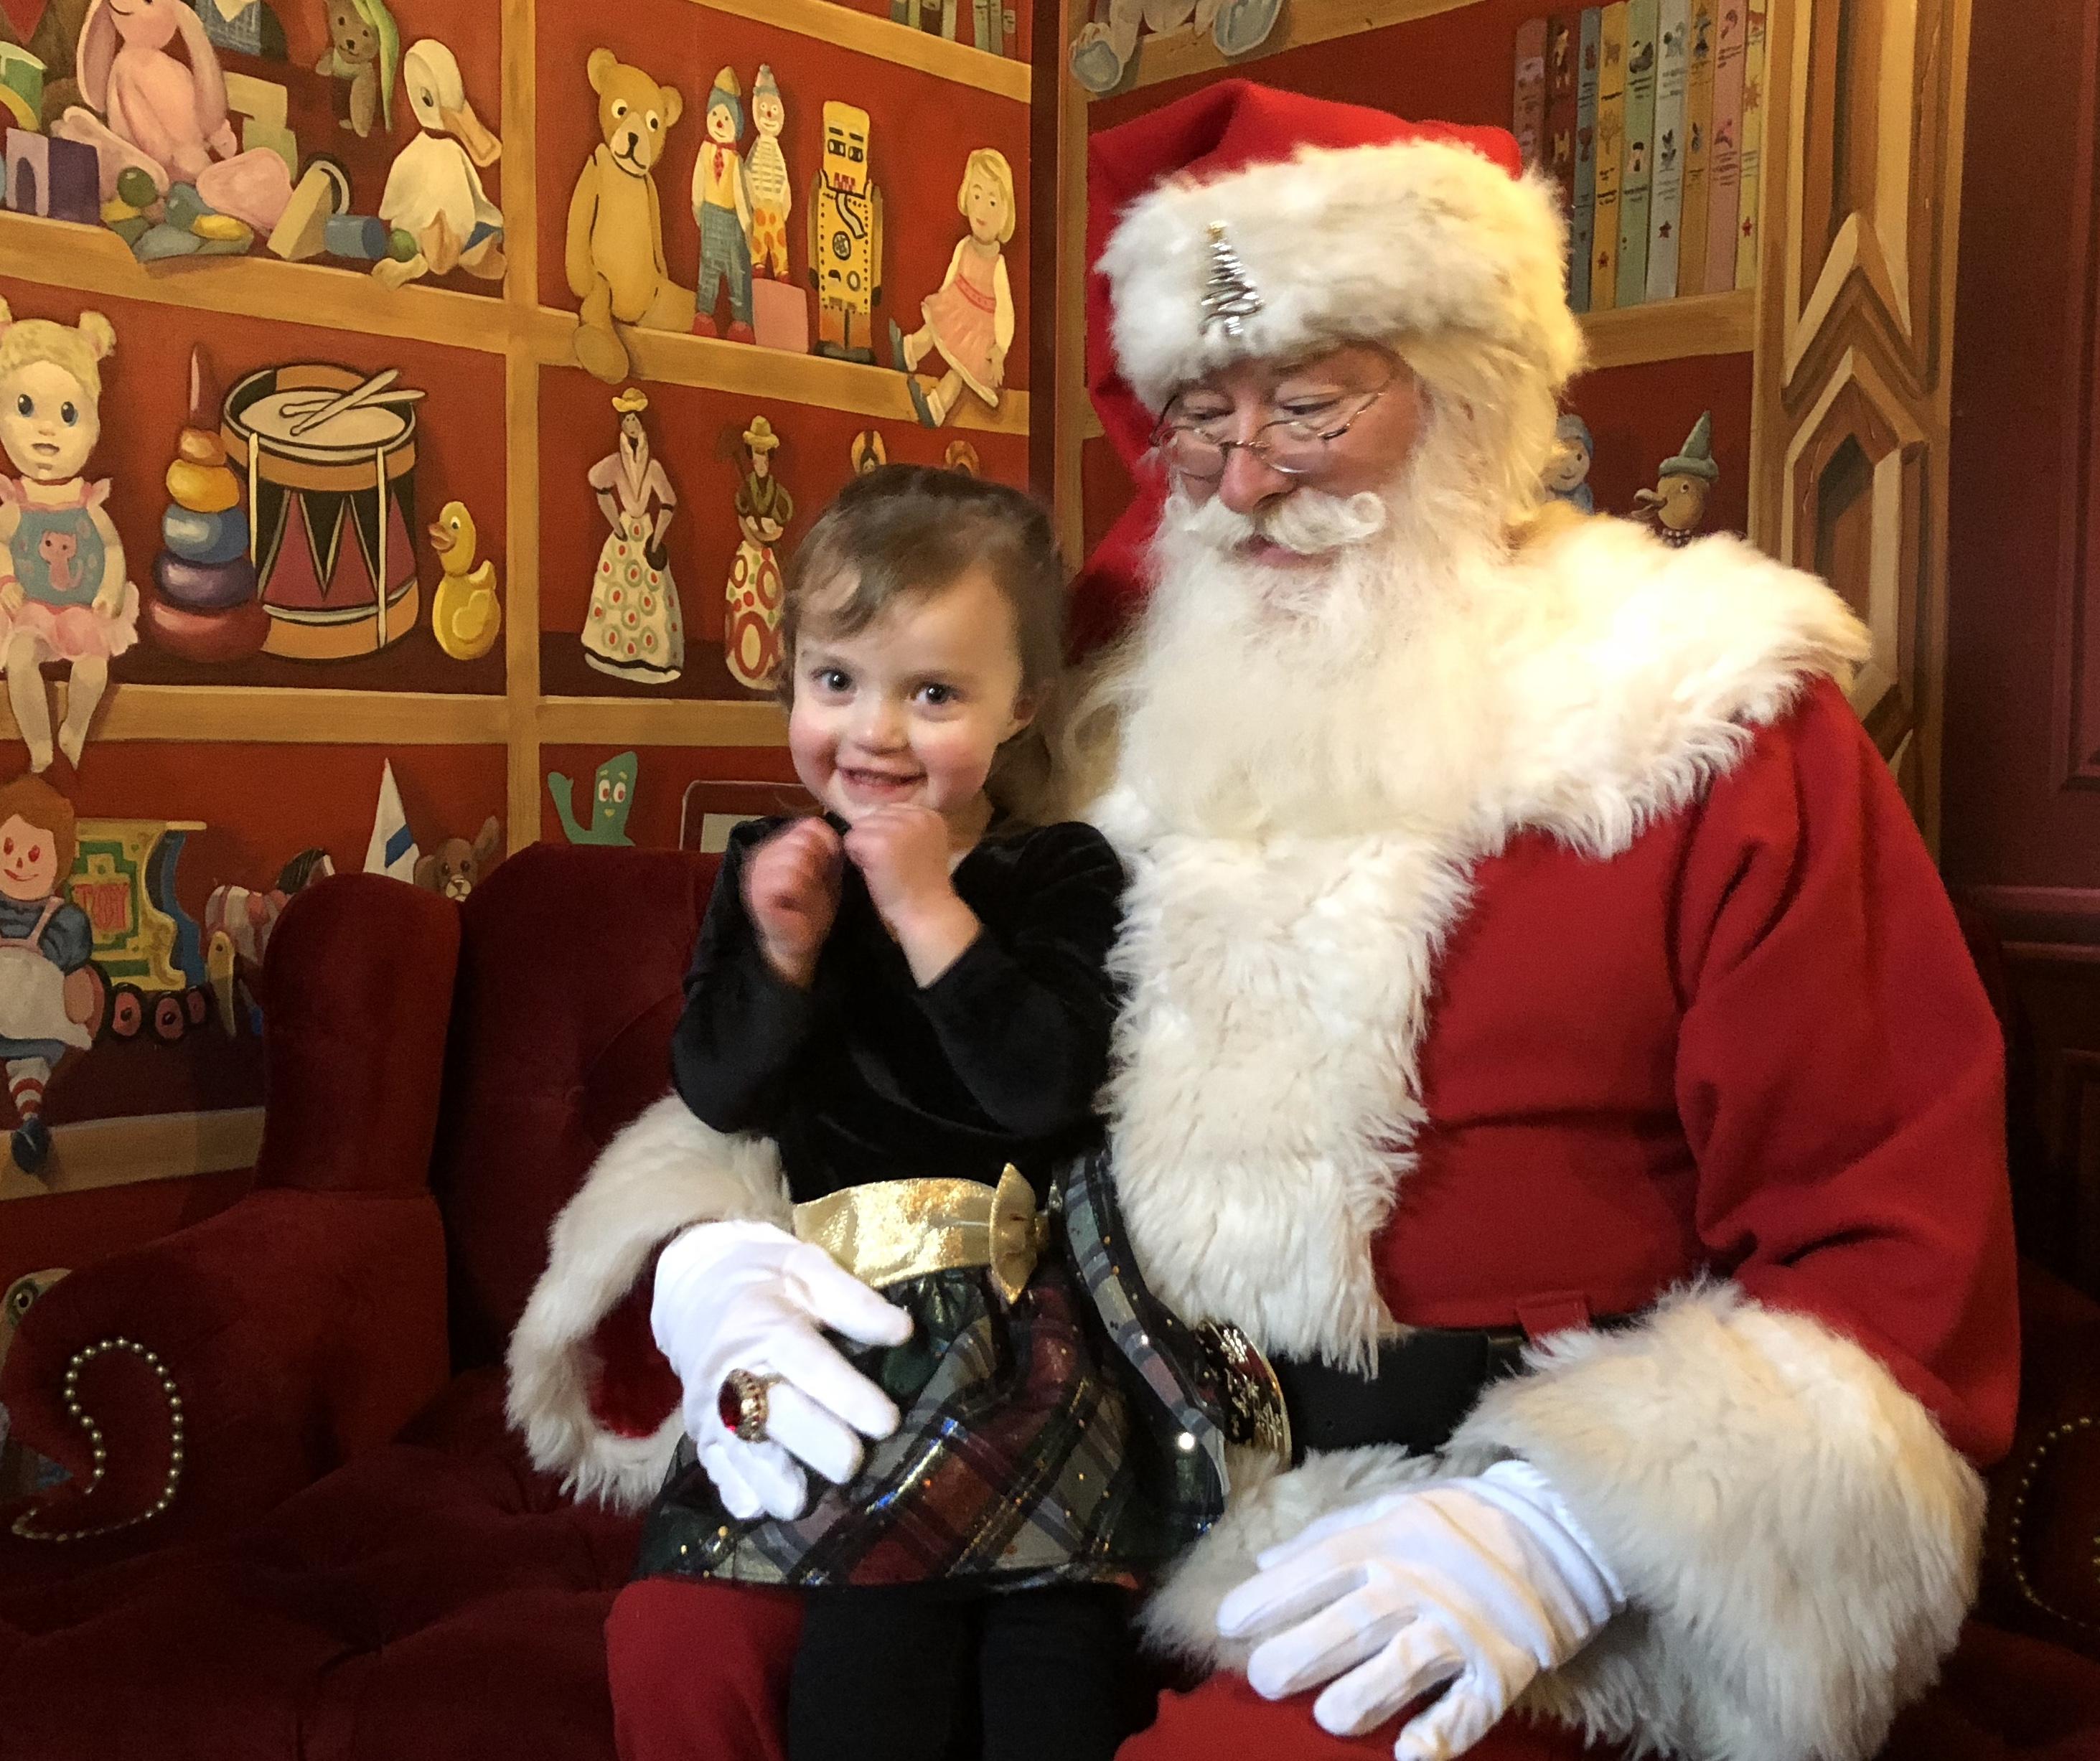 Christmas Day Buffet On Christmas Day Boise Id 2021 Santa Photos Near Me 2019 Santa Photos In Boise Meridian